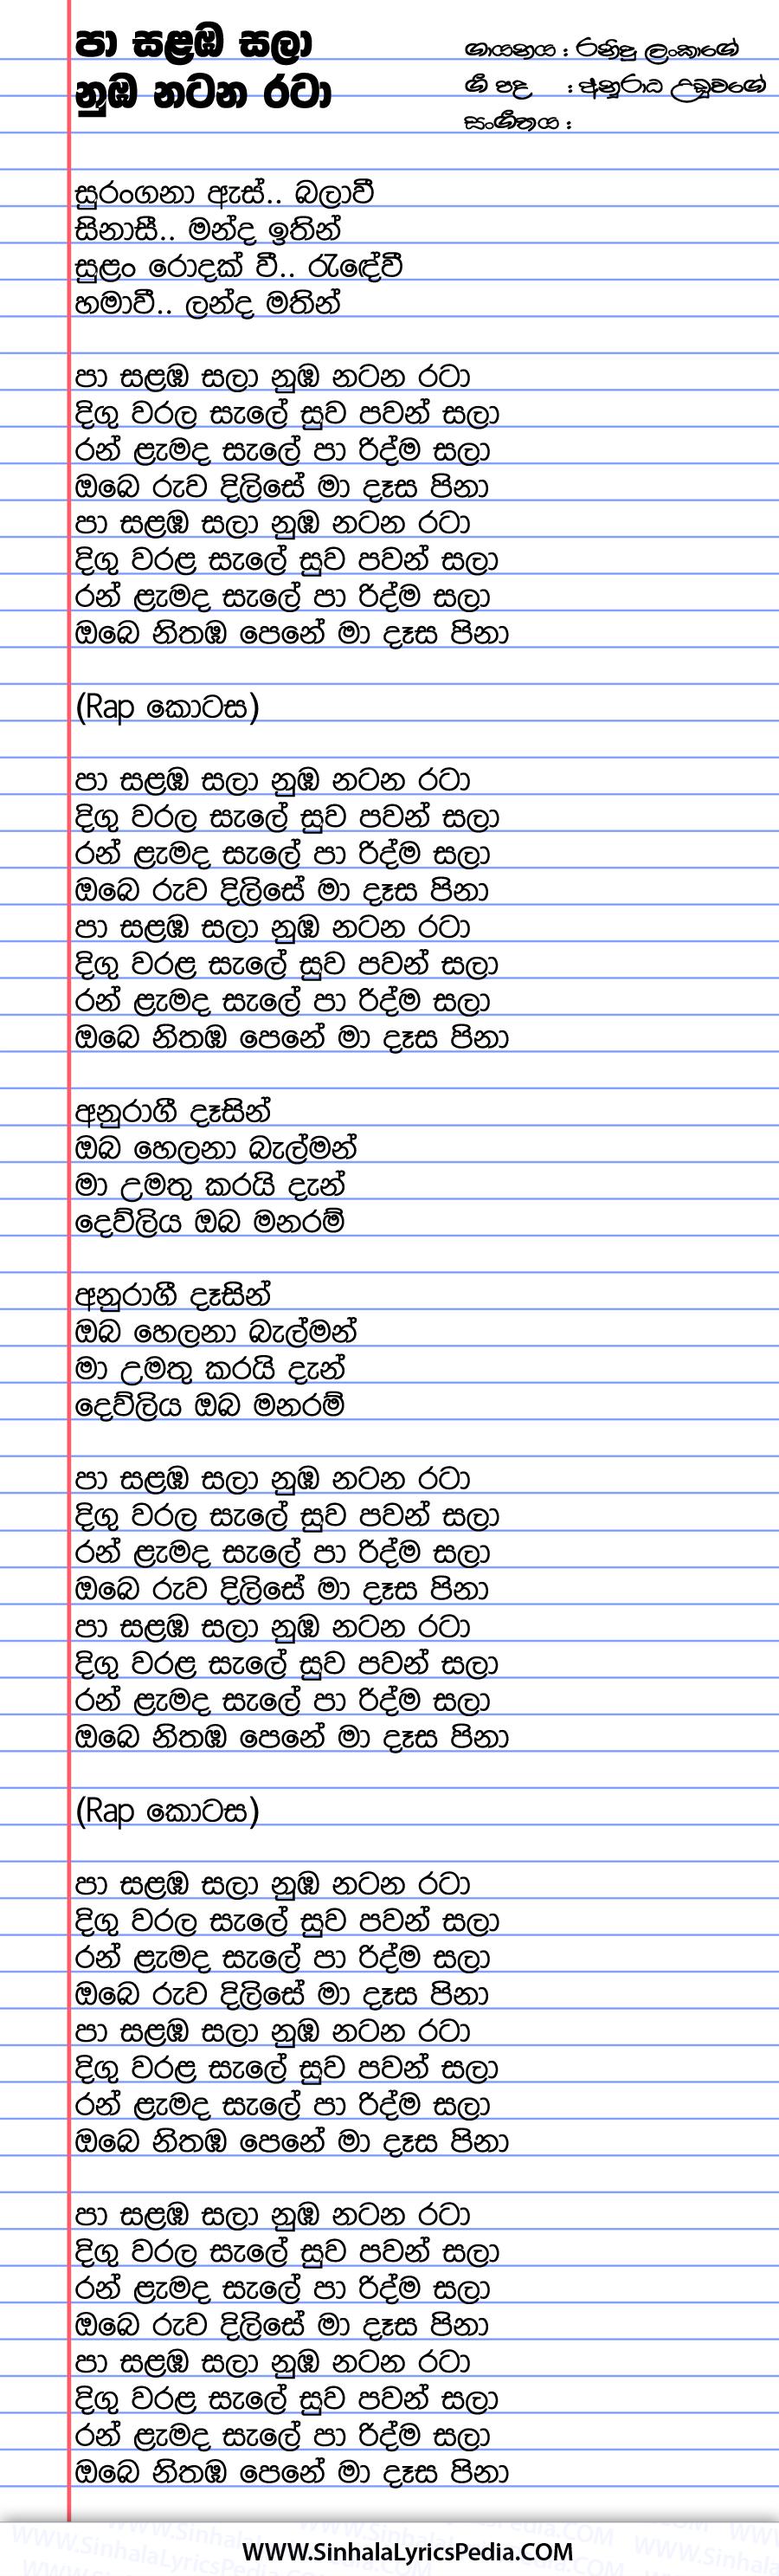 Pa Salamba Sala Nuba Natana Rata Song Lyrics